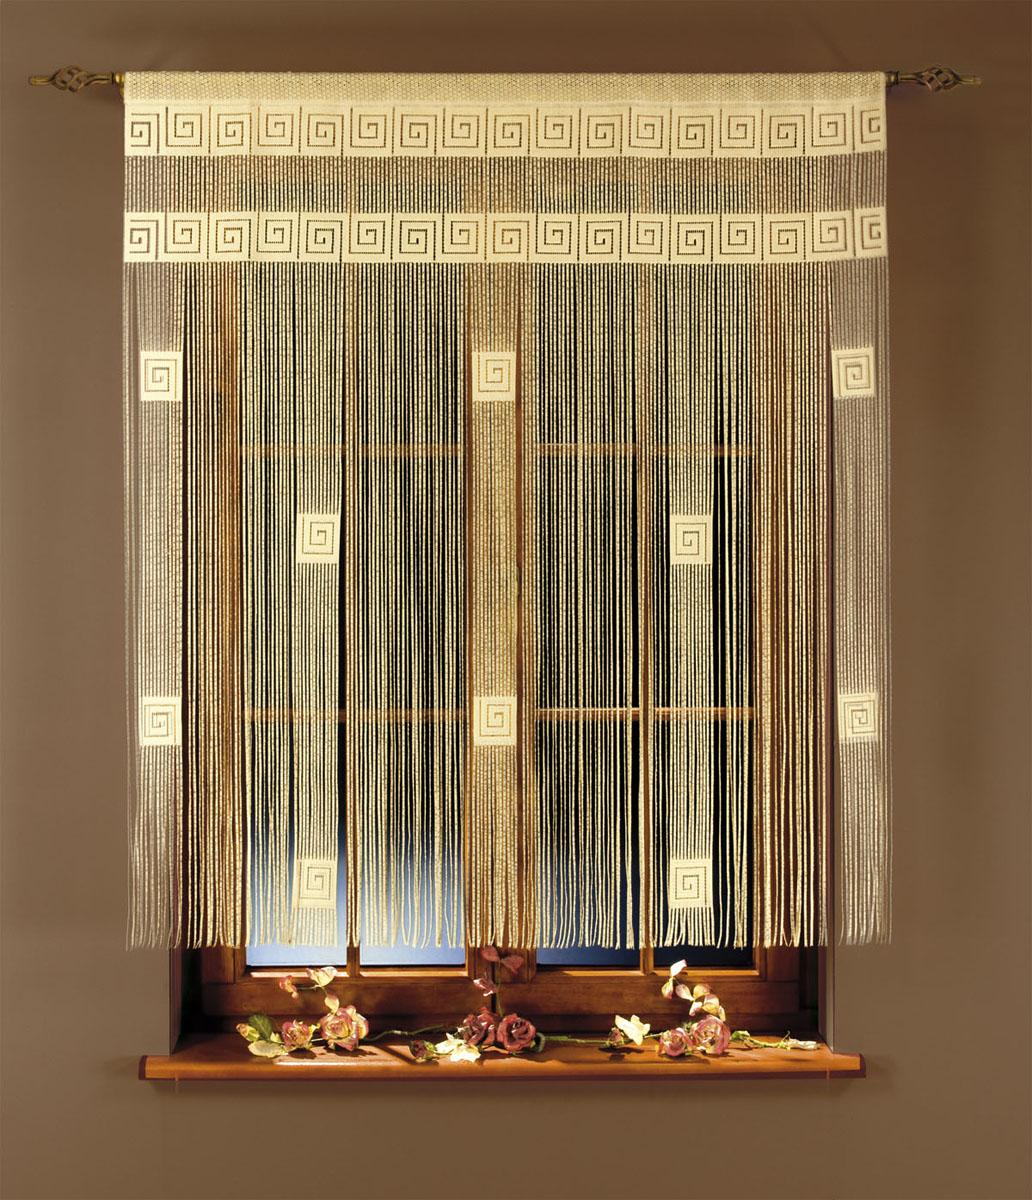 Гардина-лапша Ira, на кулиске, цвет: белый, высота 160 см663316Гардина-лапша Ira, изготовленная из полиэстера белого цвета, станет великолепным украшением окна, дверного проема и прекрасно послужит для разграничения пространства. Необычный дизайн и яркое оформление привлекут внимание и органично впишутся в интерьер.Гардина-лапша оснащена кулиской для крепления на круглый карниз. Характеристики:Материал: 100% полиэстер. Цвет: белый. Высота кулиски: 6 см. Размер упаковки:27 см х 38 см х 6 см. Артикул: 663316. В комплект входит: Гардина-лапша - 1 шт. Размер (ШхВ): 270 см х 160 см. Фирма Wisan на польском рынке существует уже более пятидесяти лет и является одной из лучших польских фабрик по производству штор и тканей. Ассортимент фирмы представлен готовыми комплектами штор для гостиной, детской, кухни, а также текстилем для кухни (скатерти, салфетки, дорожки, кухонные занавески). Модельный ряд отличает оригинальный дизайн, высокое качество. Ассортимент продукции постоянно пополняется.УВАЖАЕМЫЕ КЛИЕНТЫ!Обращаем ваше внимание на цвет изделия. Цветовой вариант гардины-лапши, данной в интерьере, служит для визуального восприятия товара. Цветовая гамма данной гардины-лапши представлена на отдельном изображении фрагментом ткани.